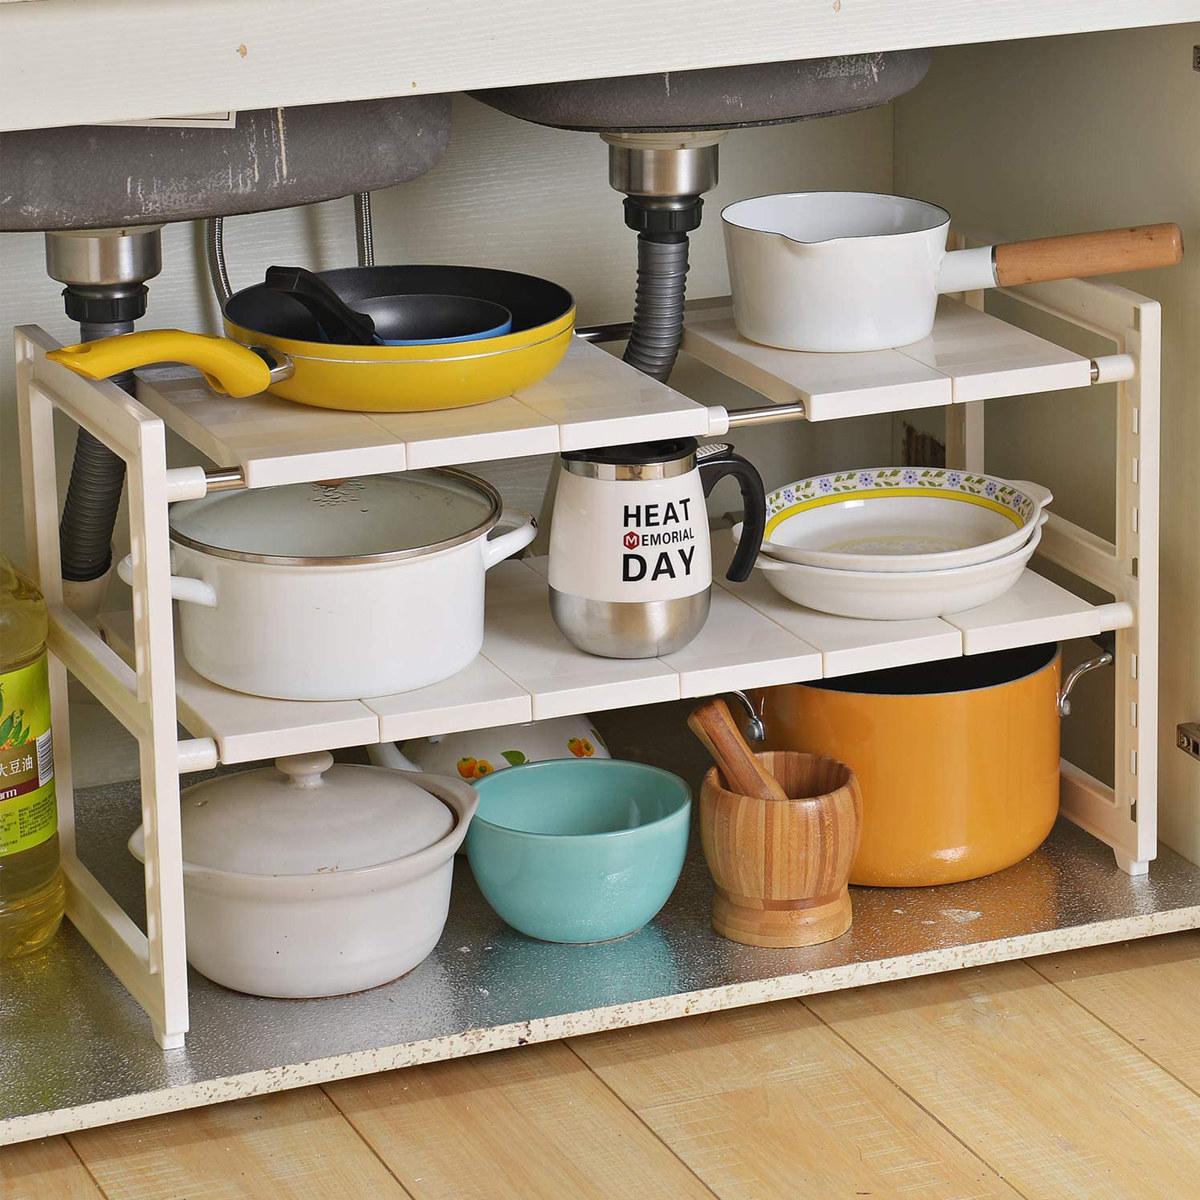 Under tehs ink organizer shelves